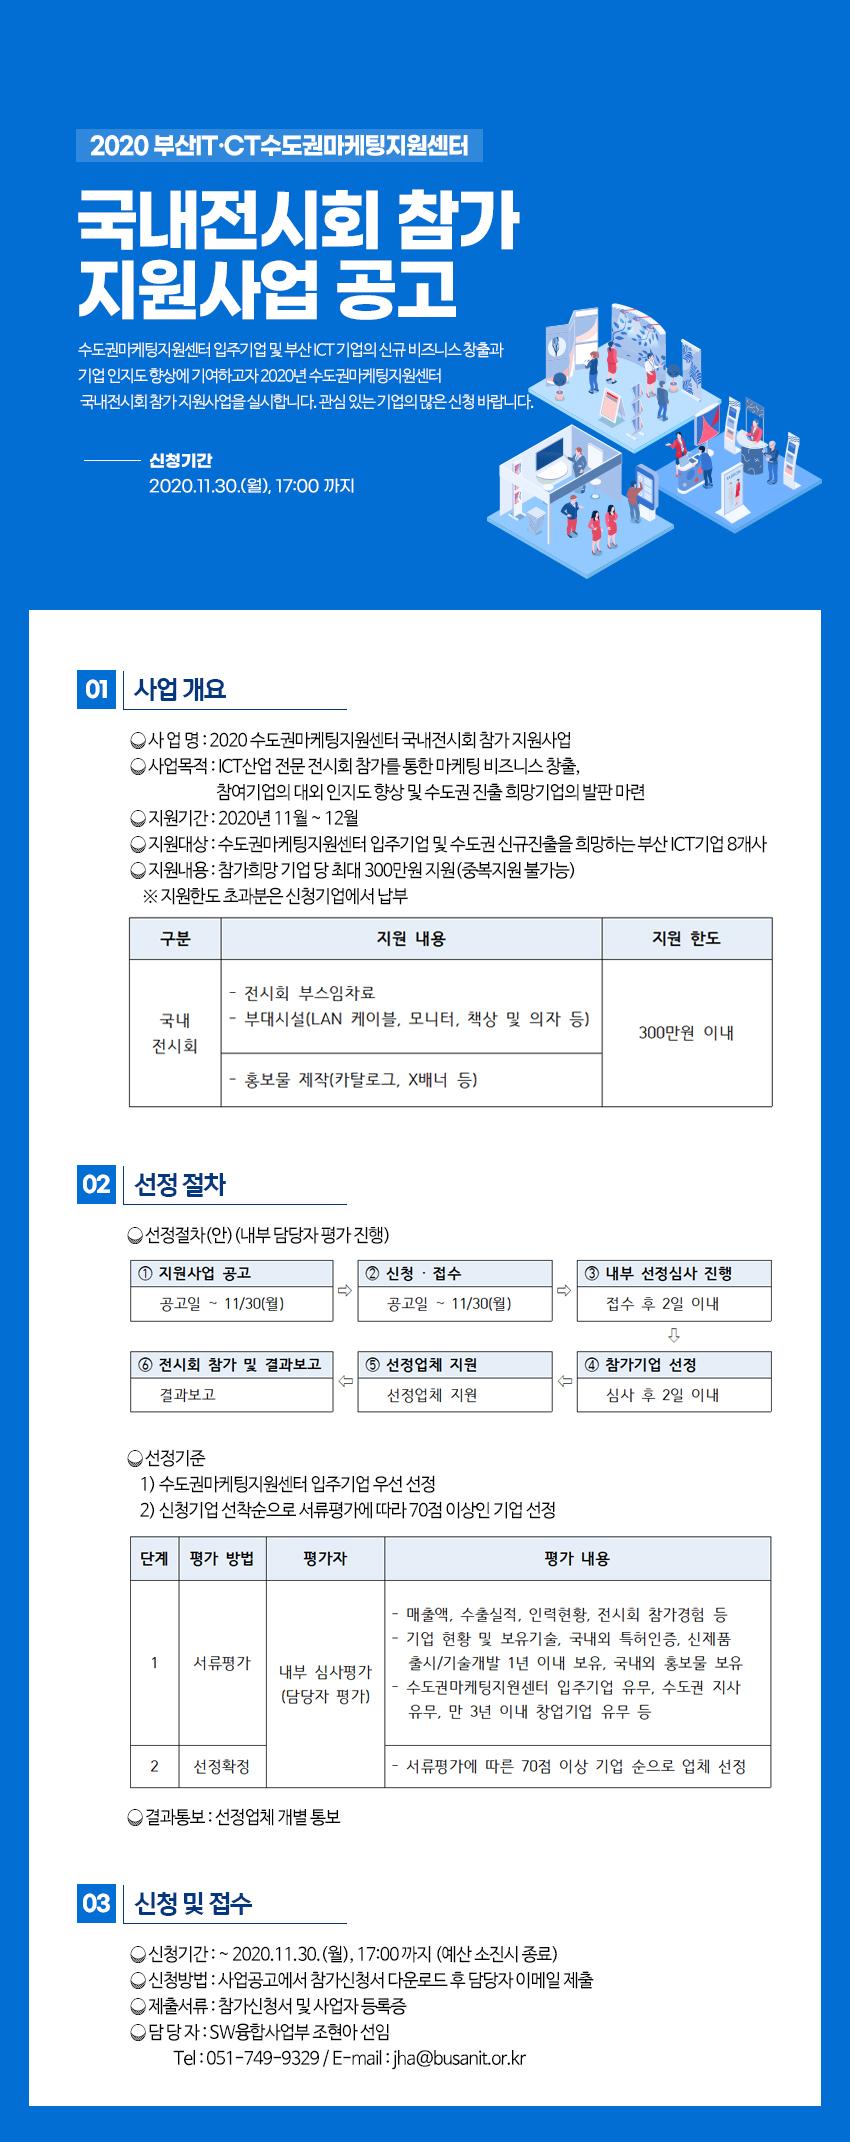 2020 부산IT·CT수도권마케팅지원센터 국내전시회 참가 지원사업 공고